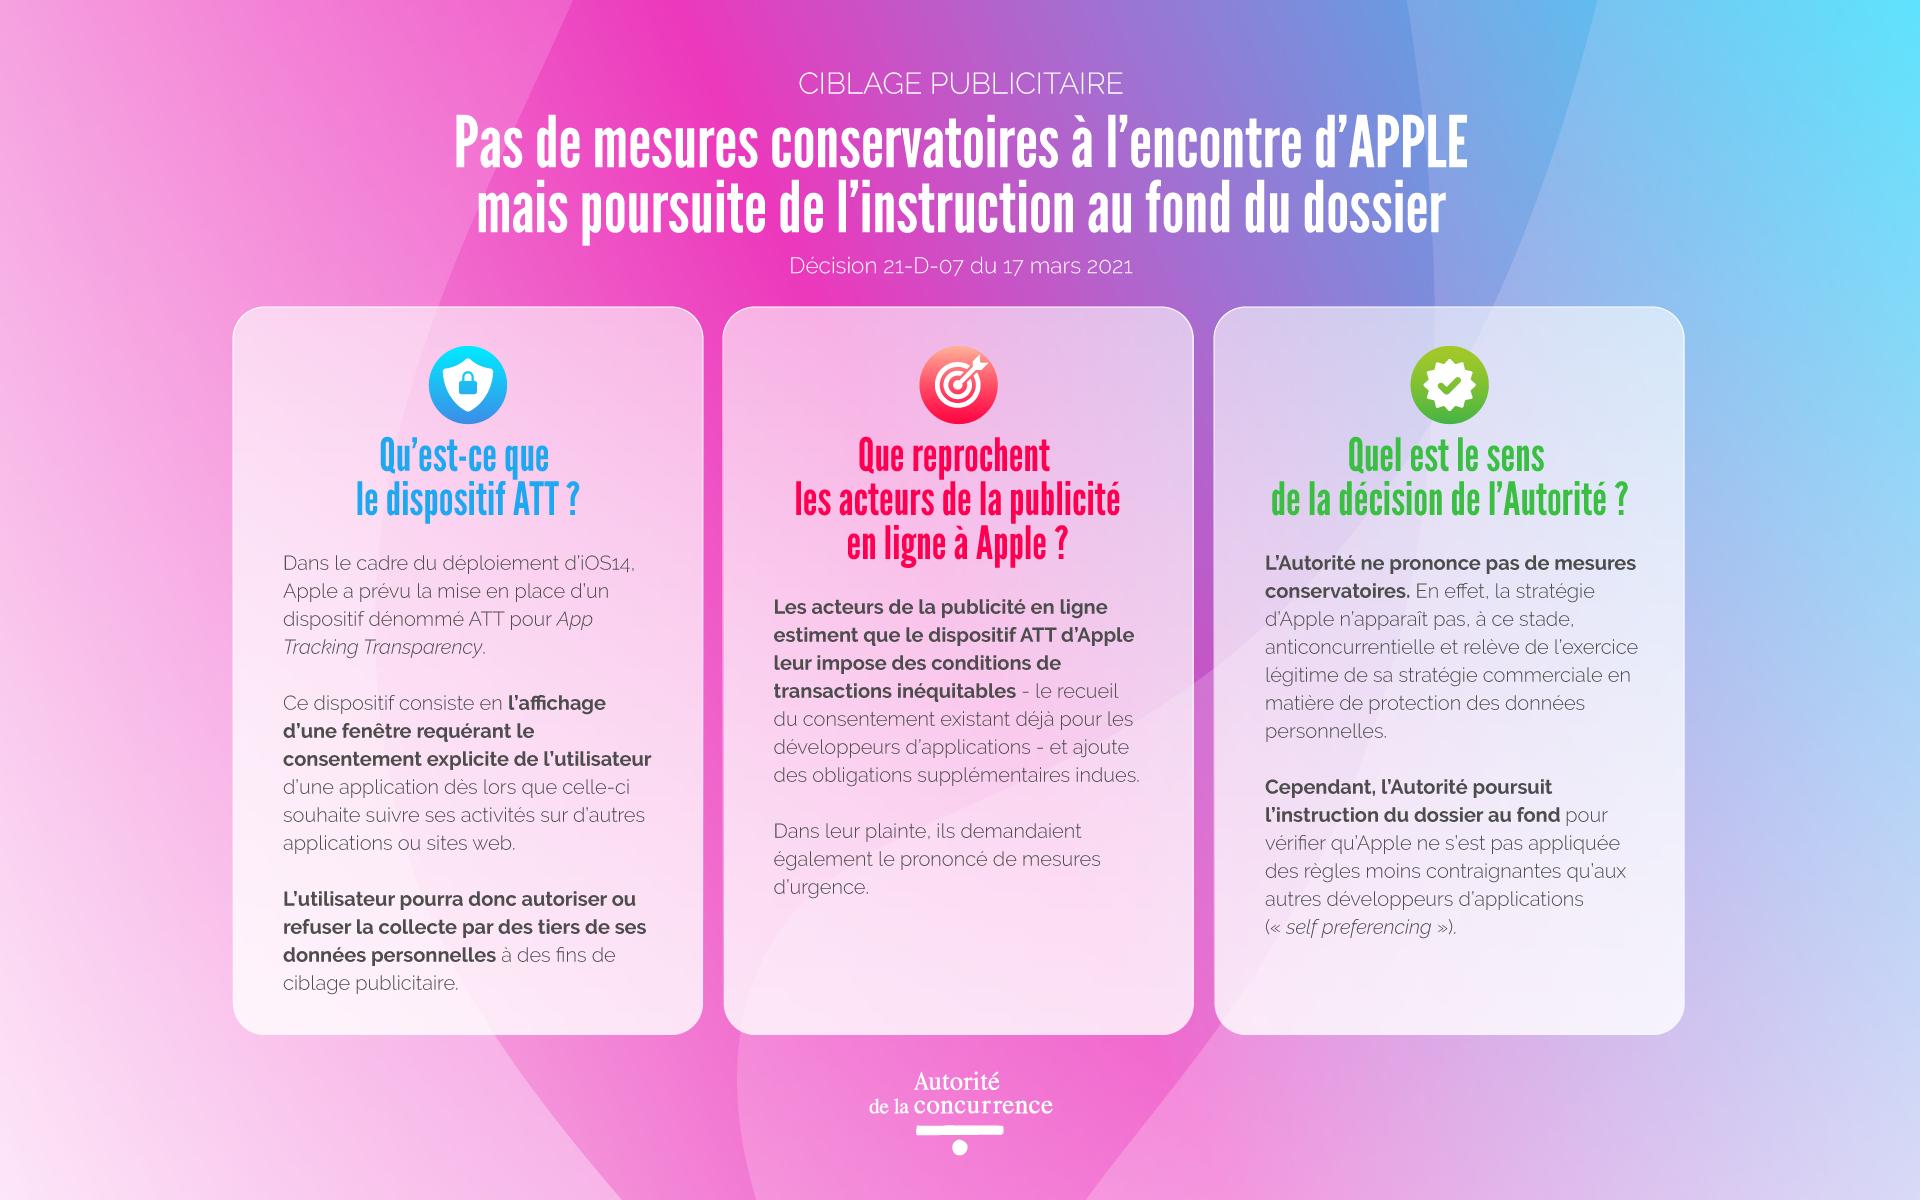 L'Autorité de la concurrence ne prendra pas de mesure « conservatoire » contre Apple